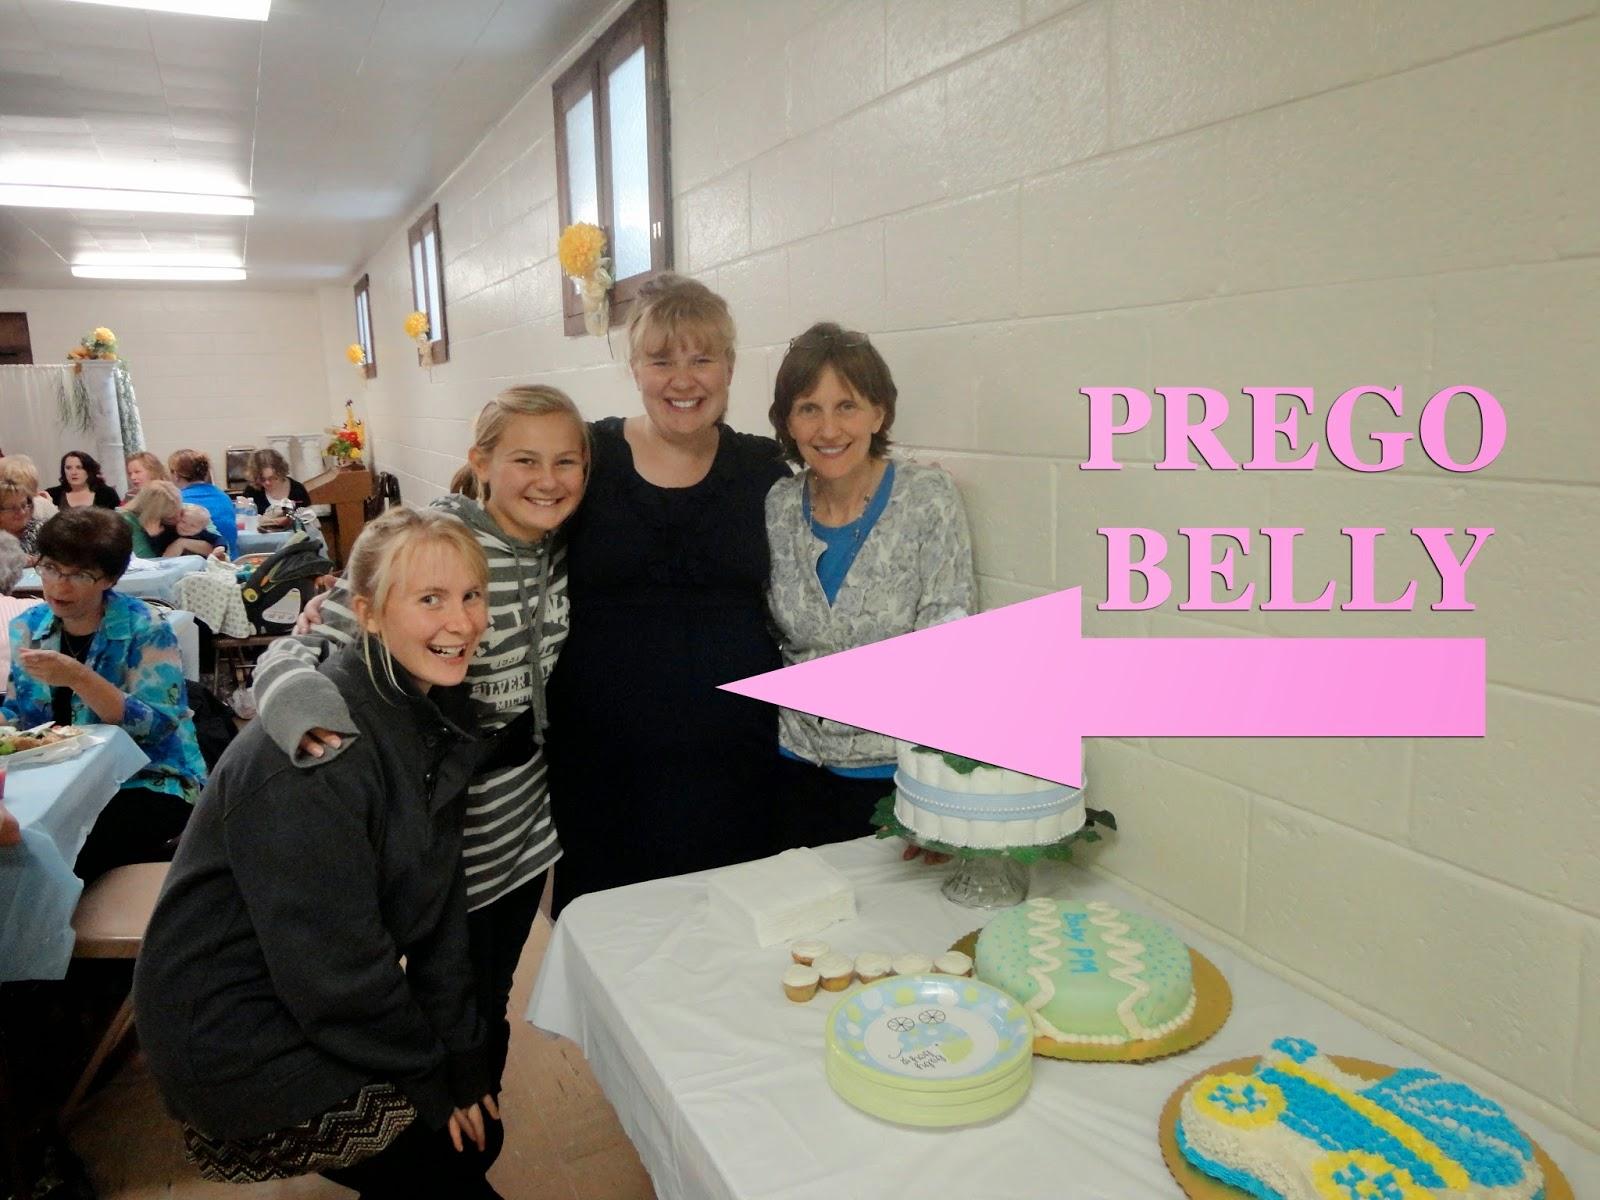 preggo belly